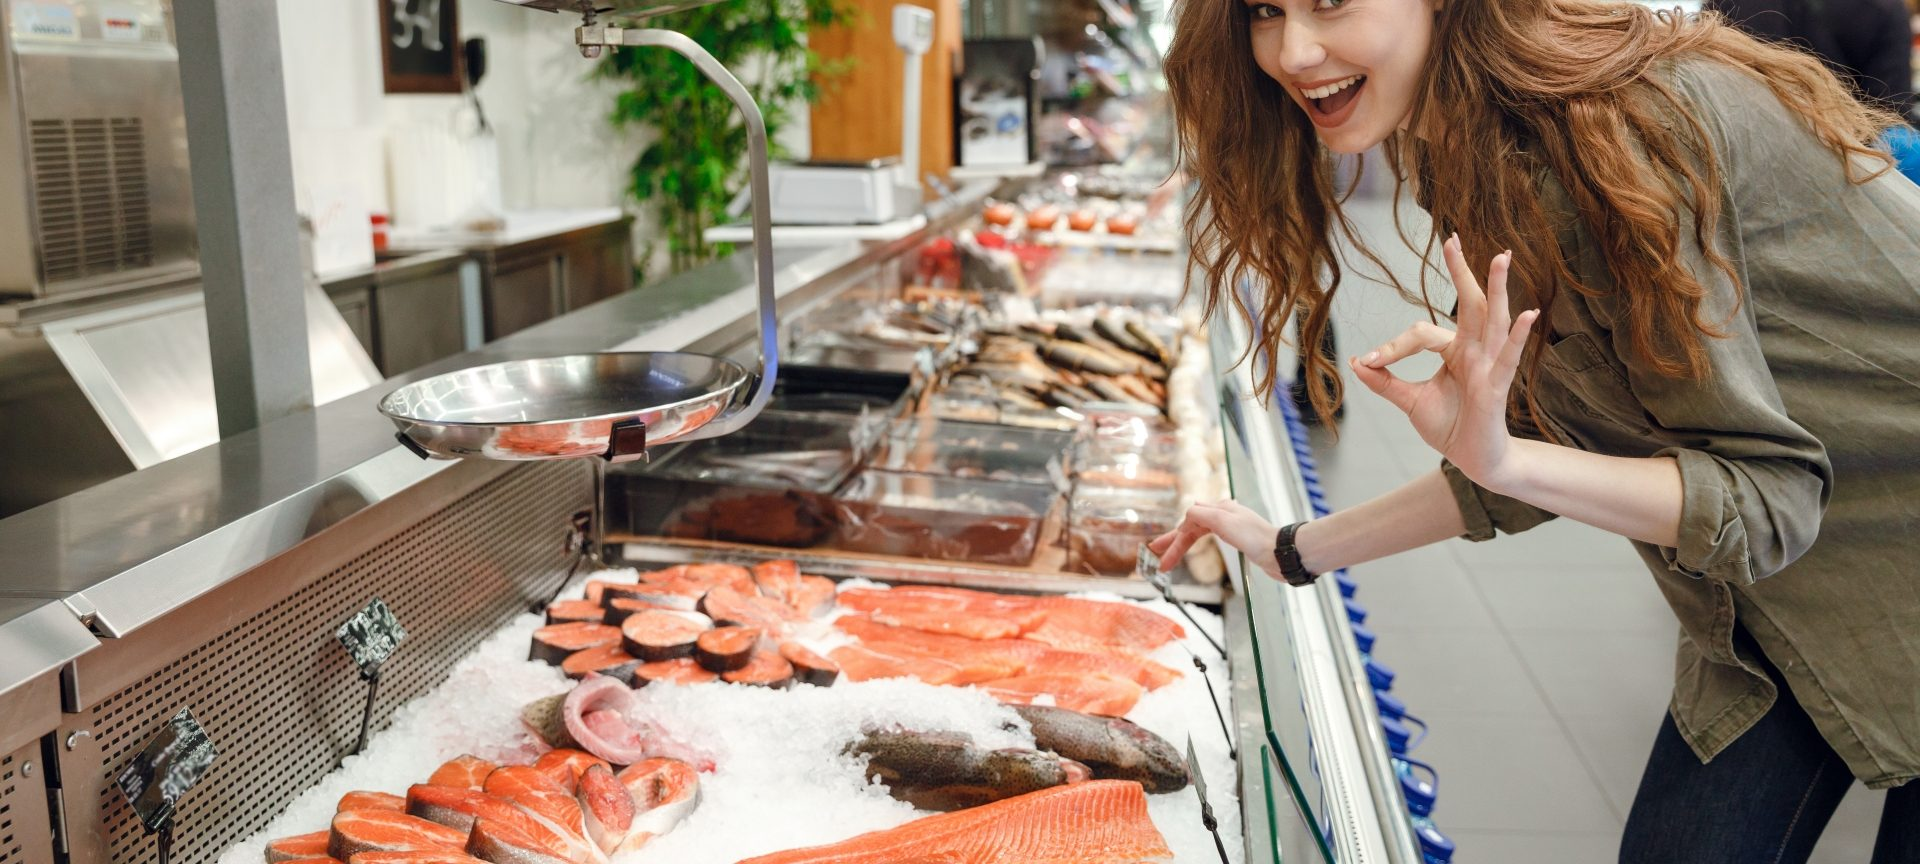 Cei mai sănătoşi peşti pentru consum. Ce alegem din galantar pentru o dietă perfectă